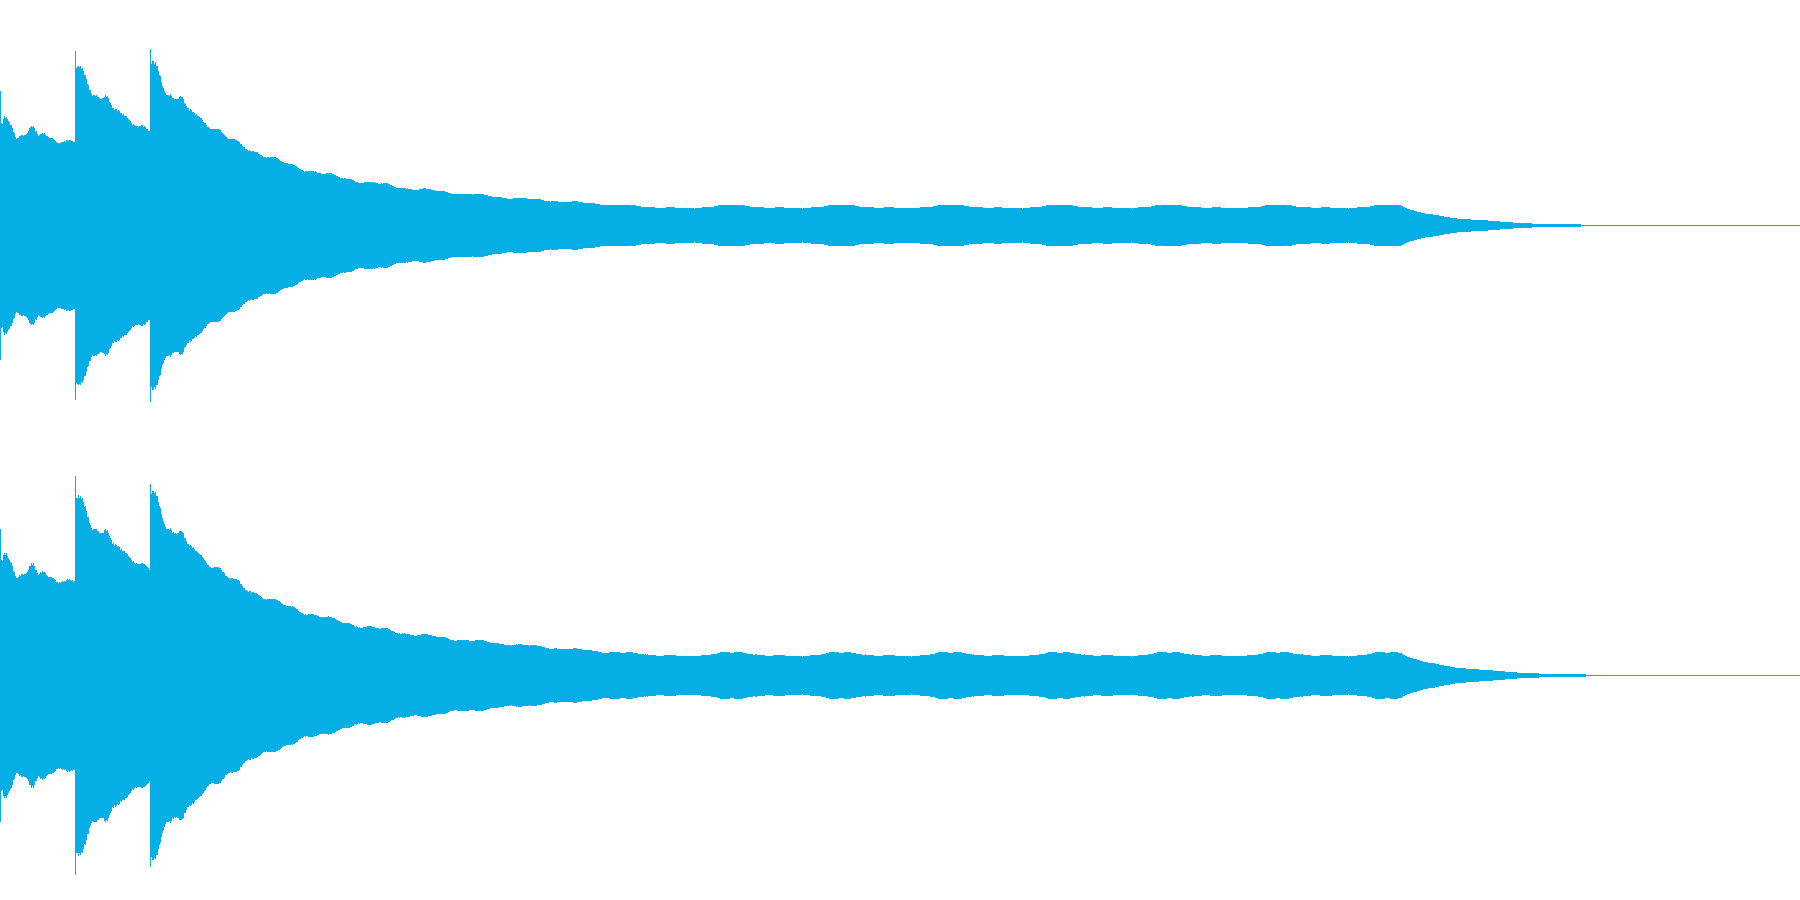 チーンチーン 仏壇の鐘の音4の再生済みの波形